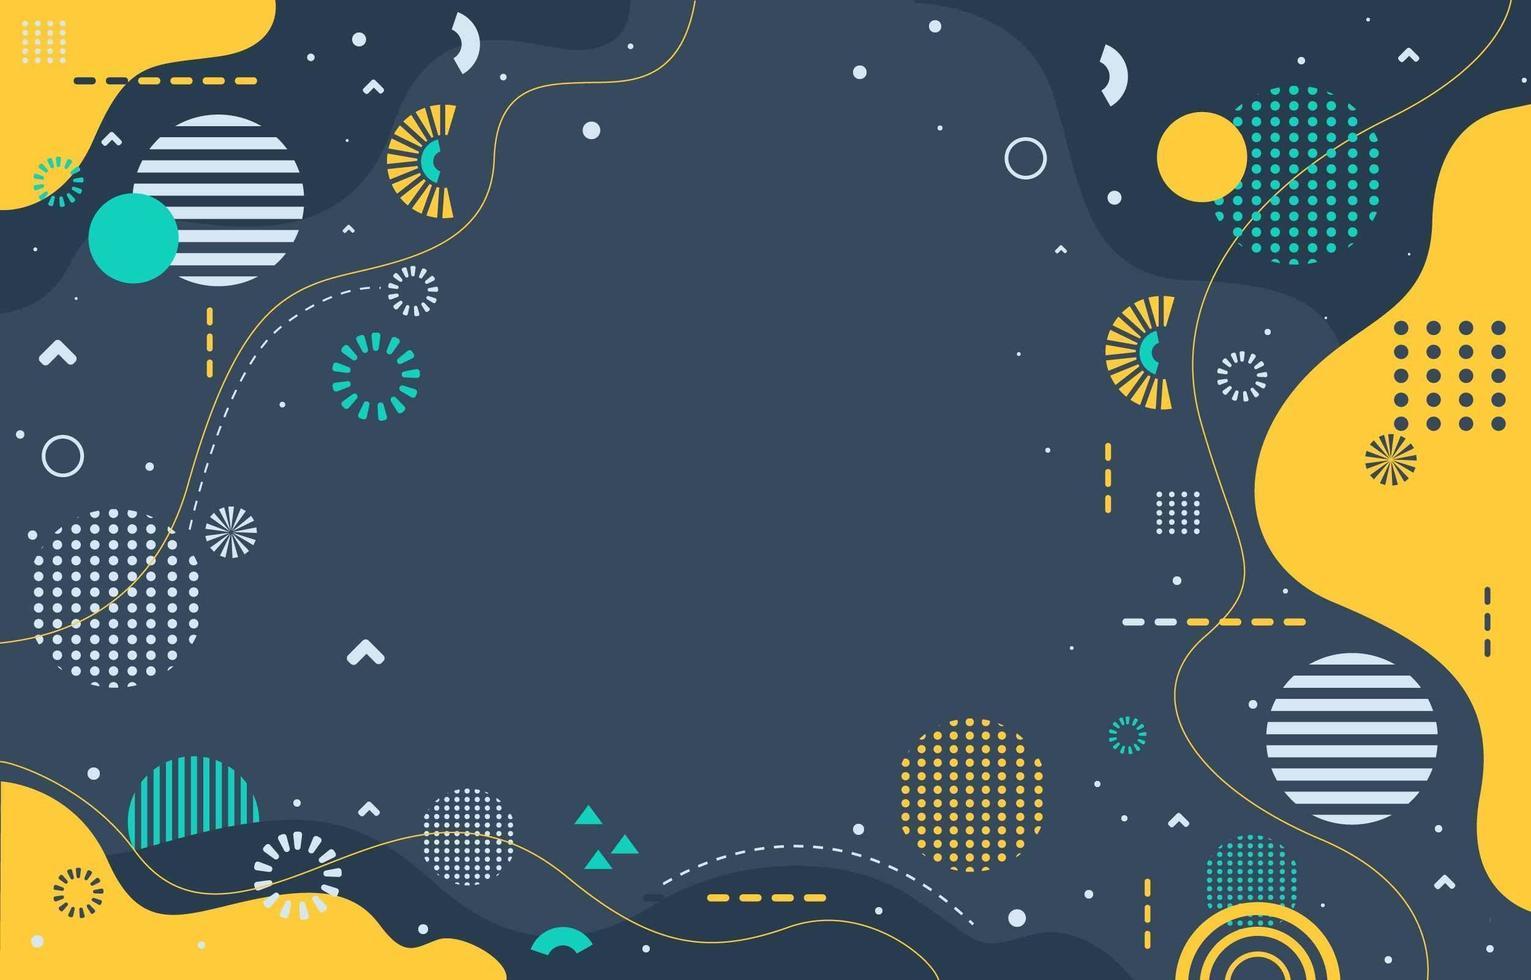 platt design bakgrund med abstrakt mönster vektor